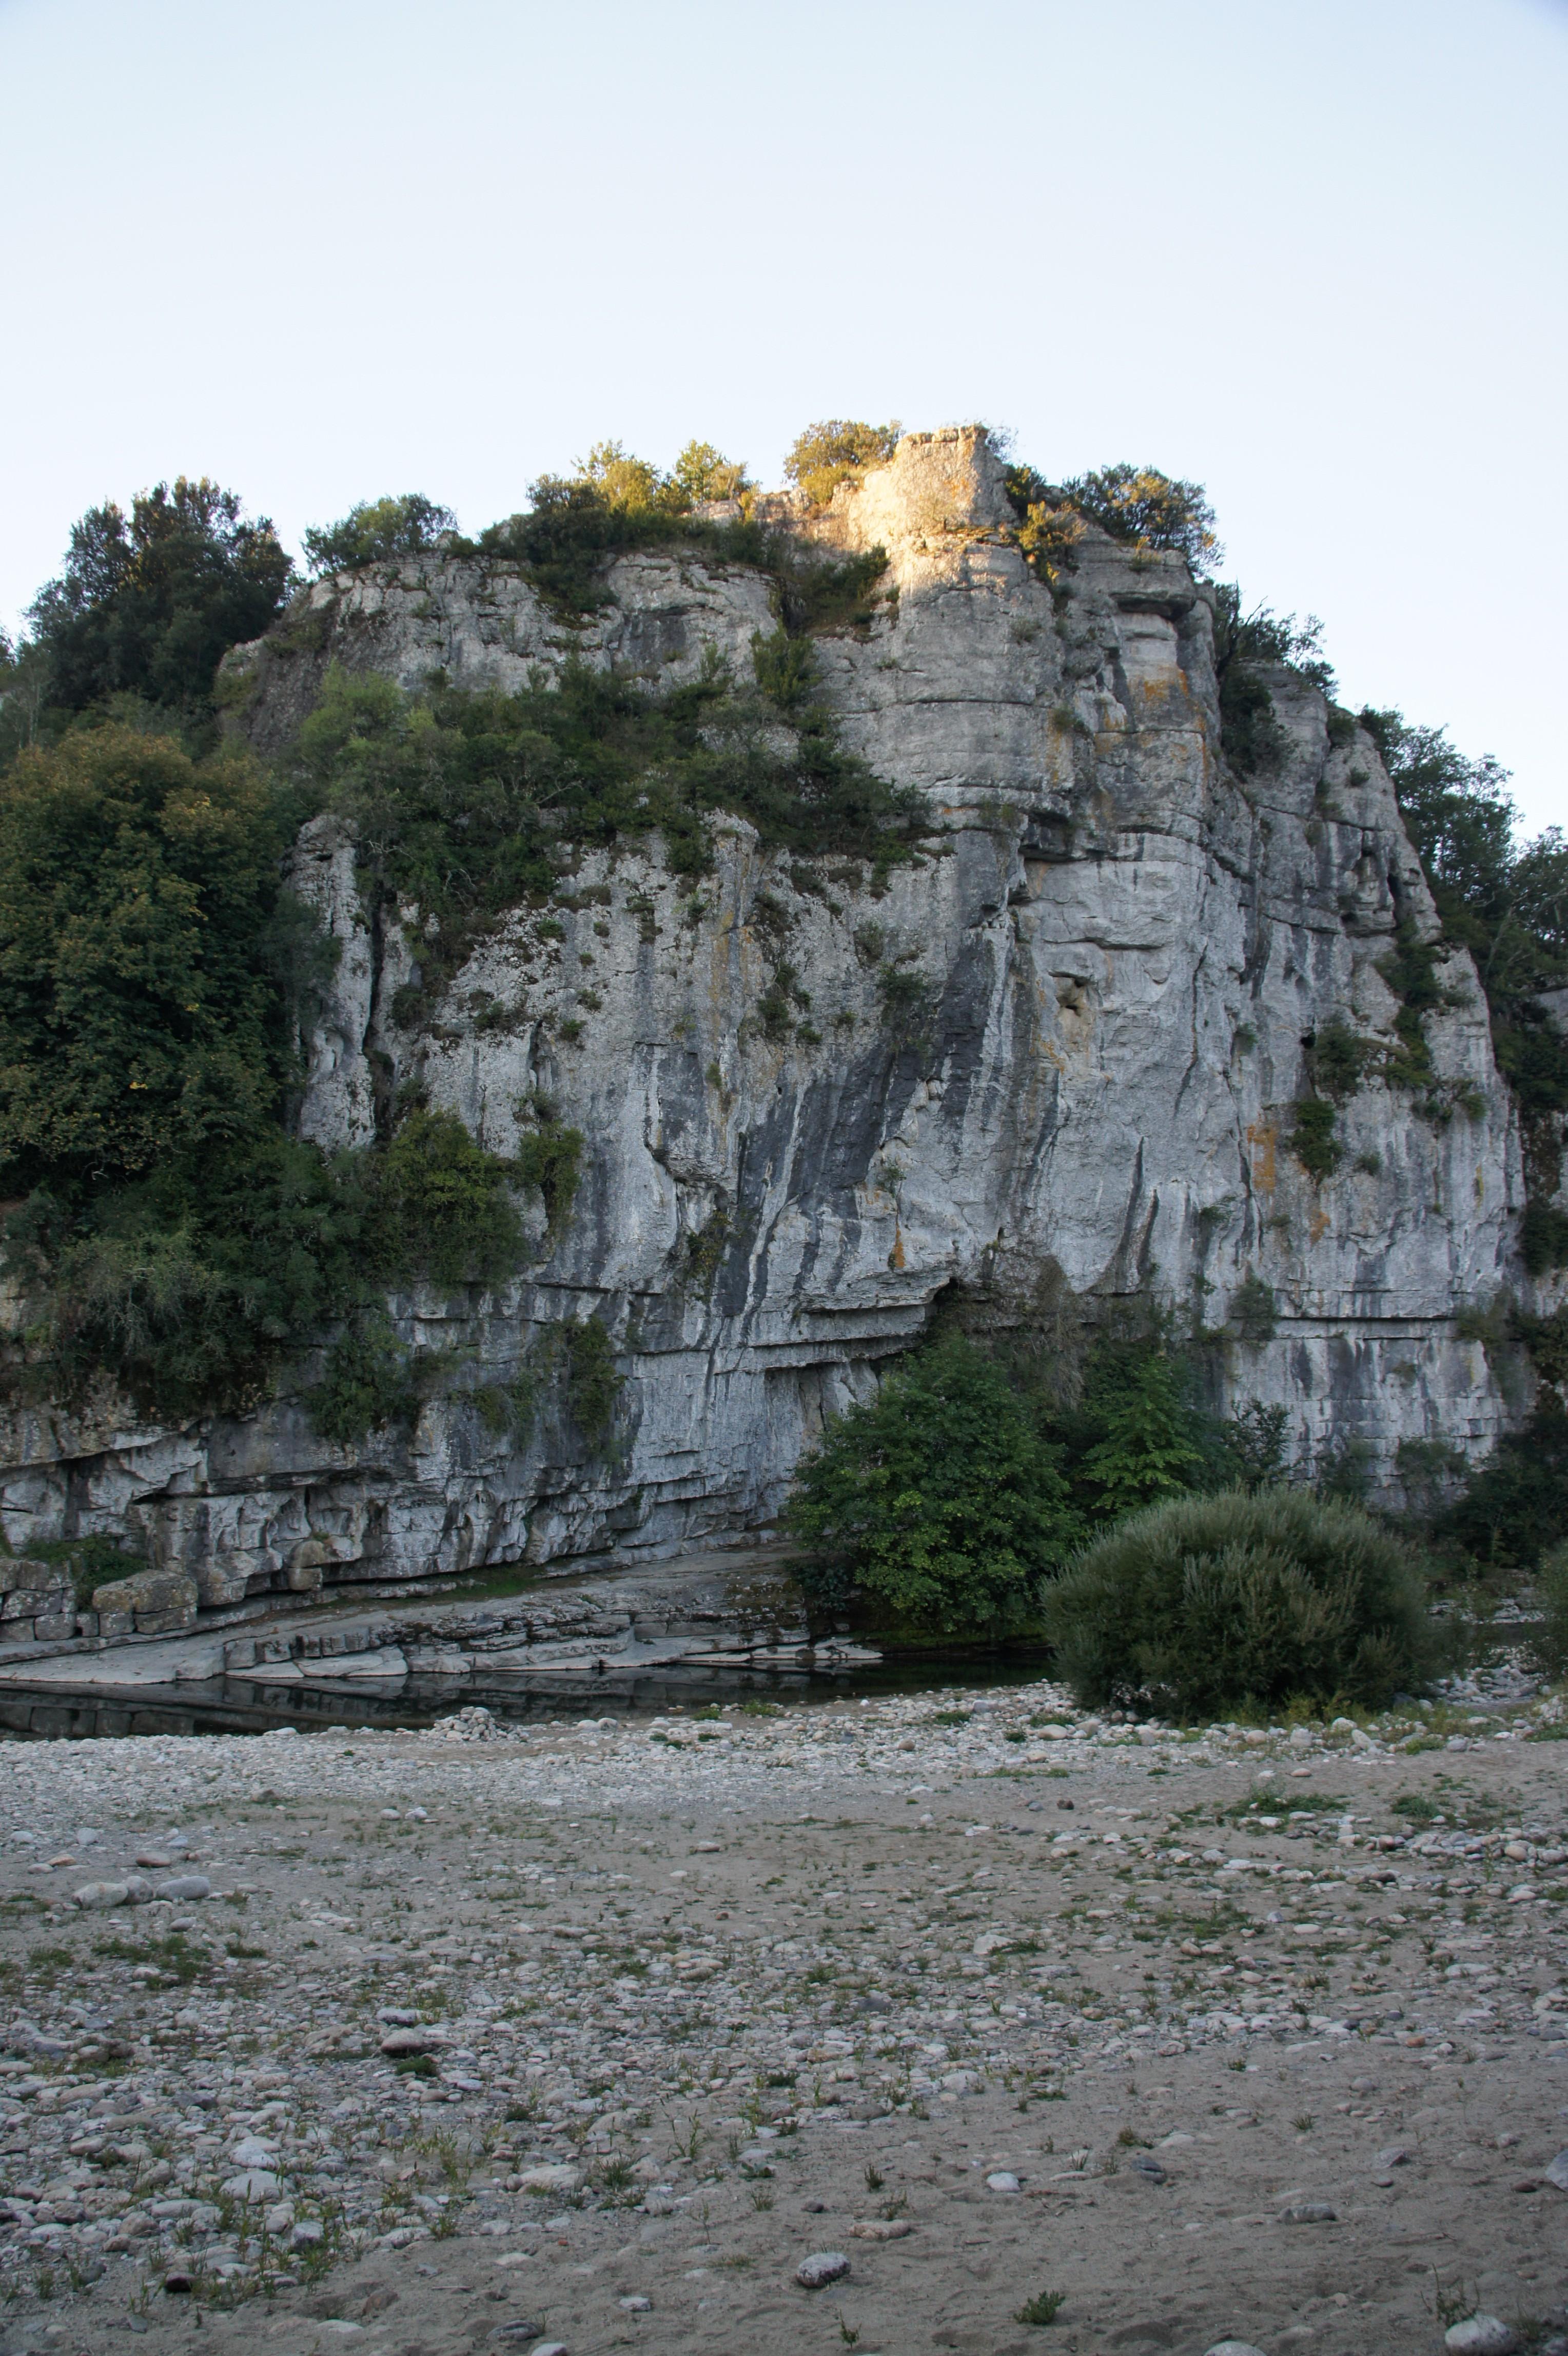 Falaise près du village de caractère de Labeaume (Ardèche), septembre 2013 (crédit photo : Marc Sivignon)